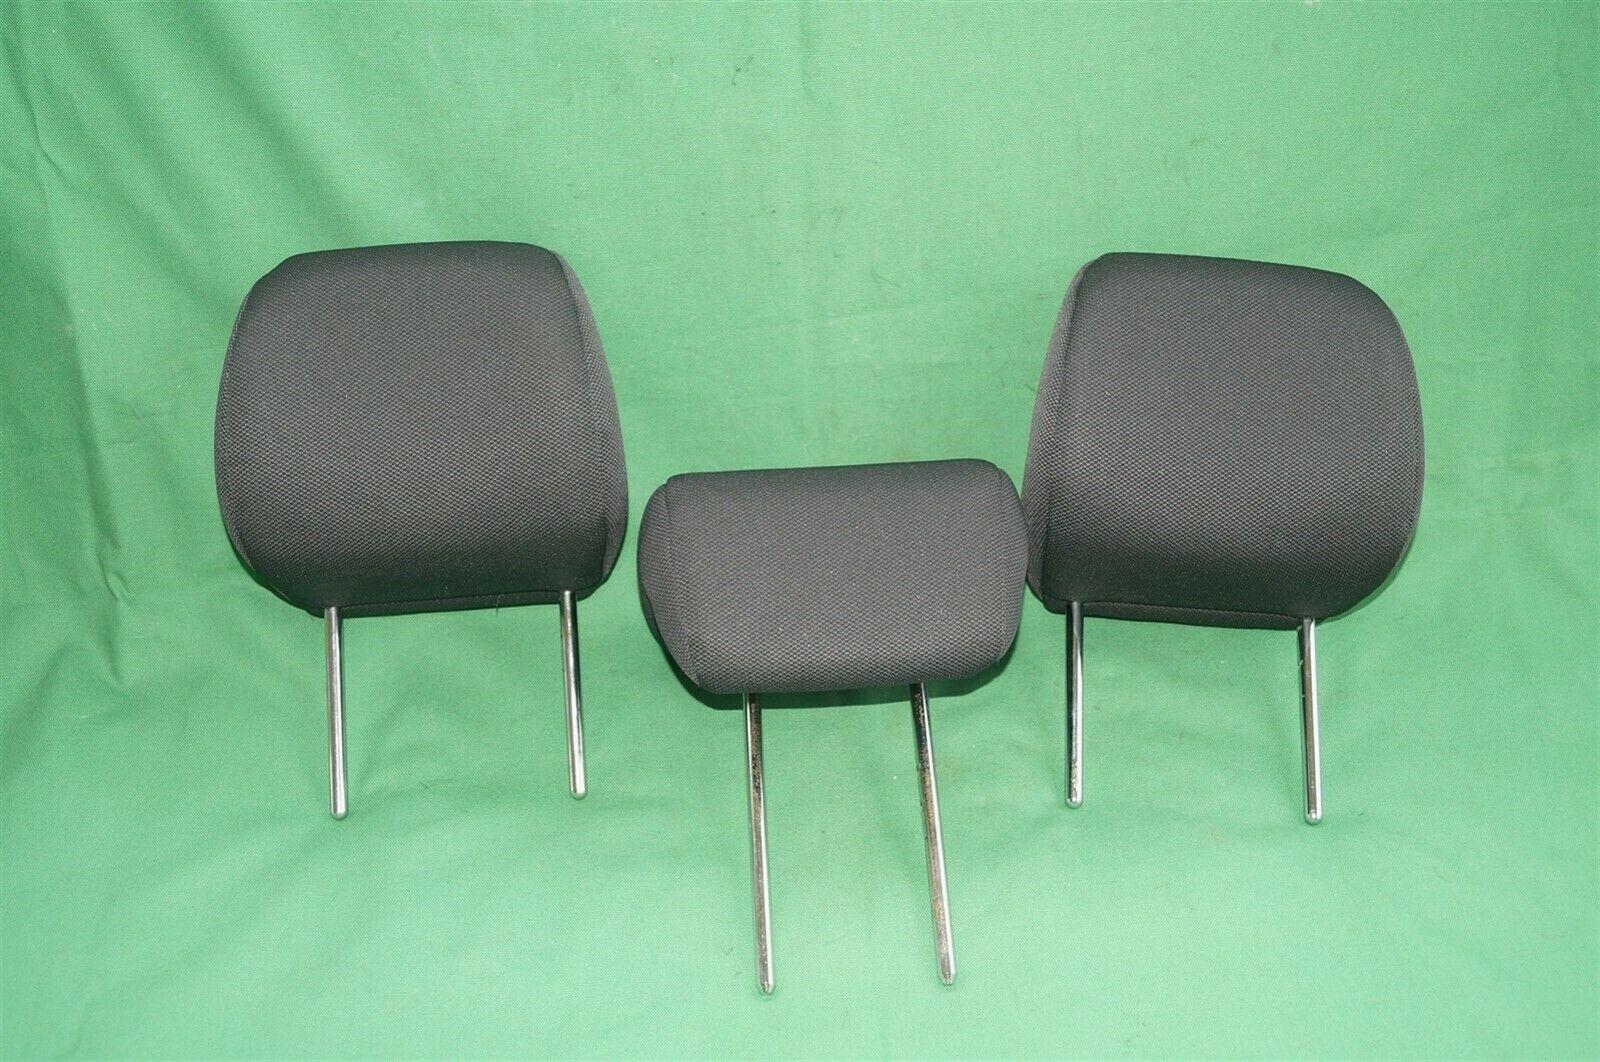 10-13 Kia Soul Rear Back Cloth 3 Headrests Headrest Set